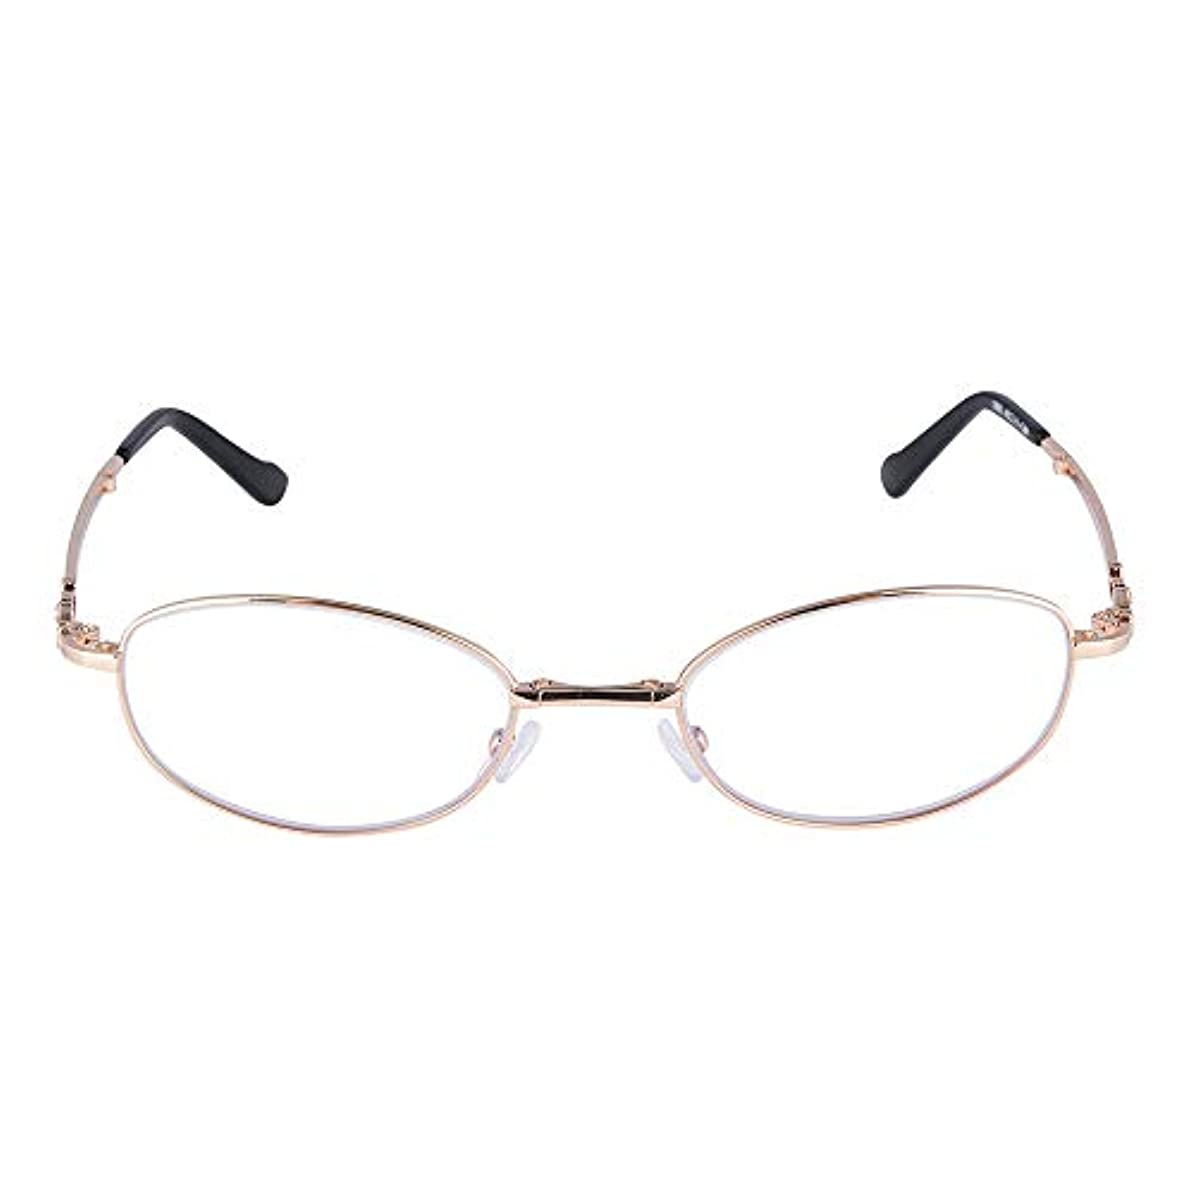 折り畳み式老眼鏡|アンチブルーレイレディース老眼鏡|抗放射線抗疲労メガネ|ファッションテンプル、シリコン鼻パッド|快適な目の保護